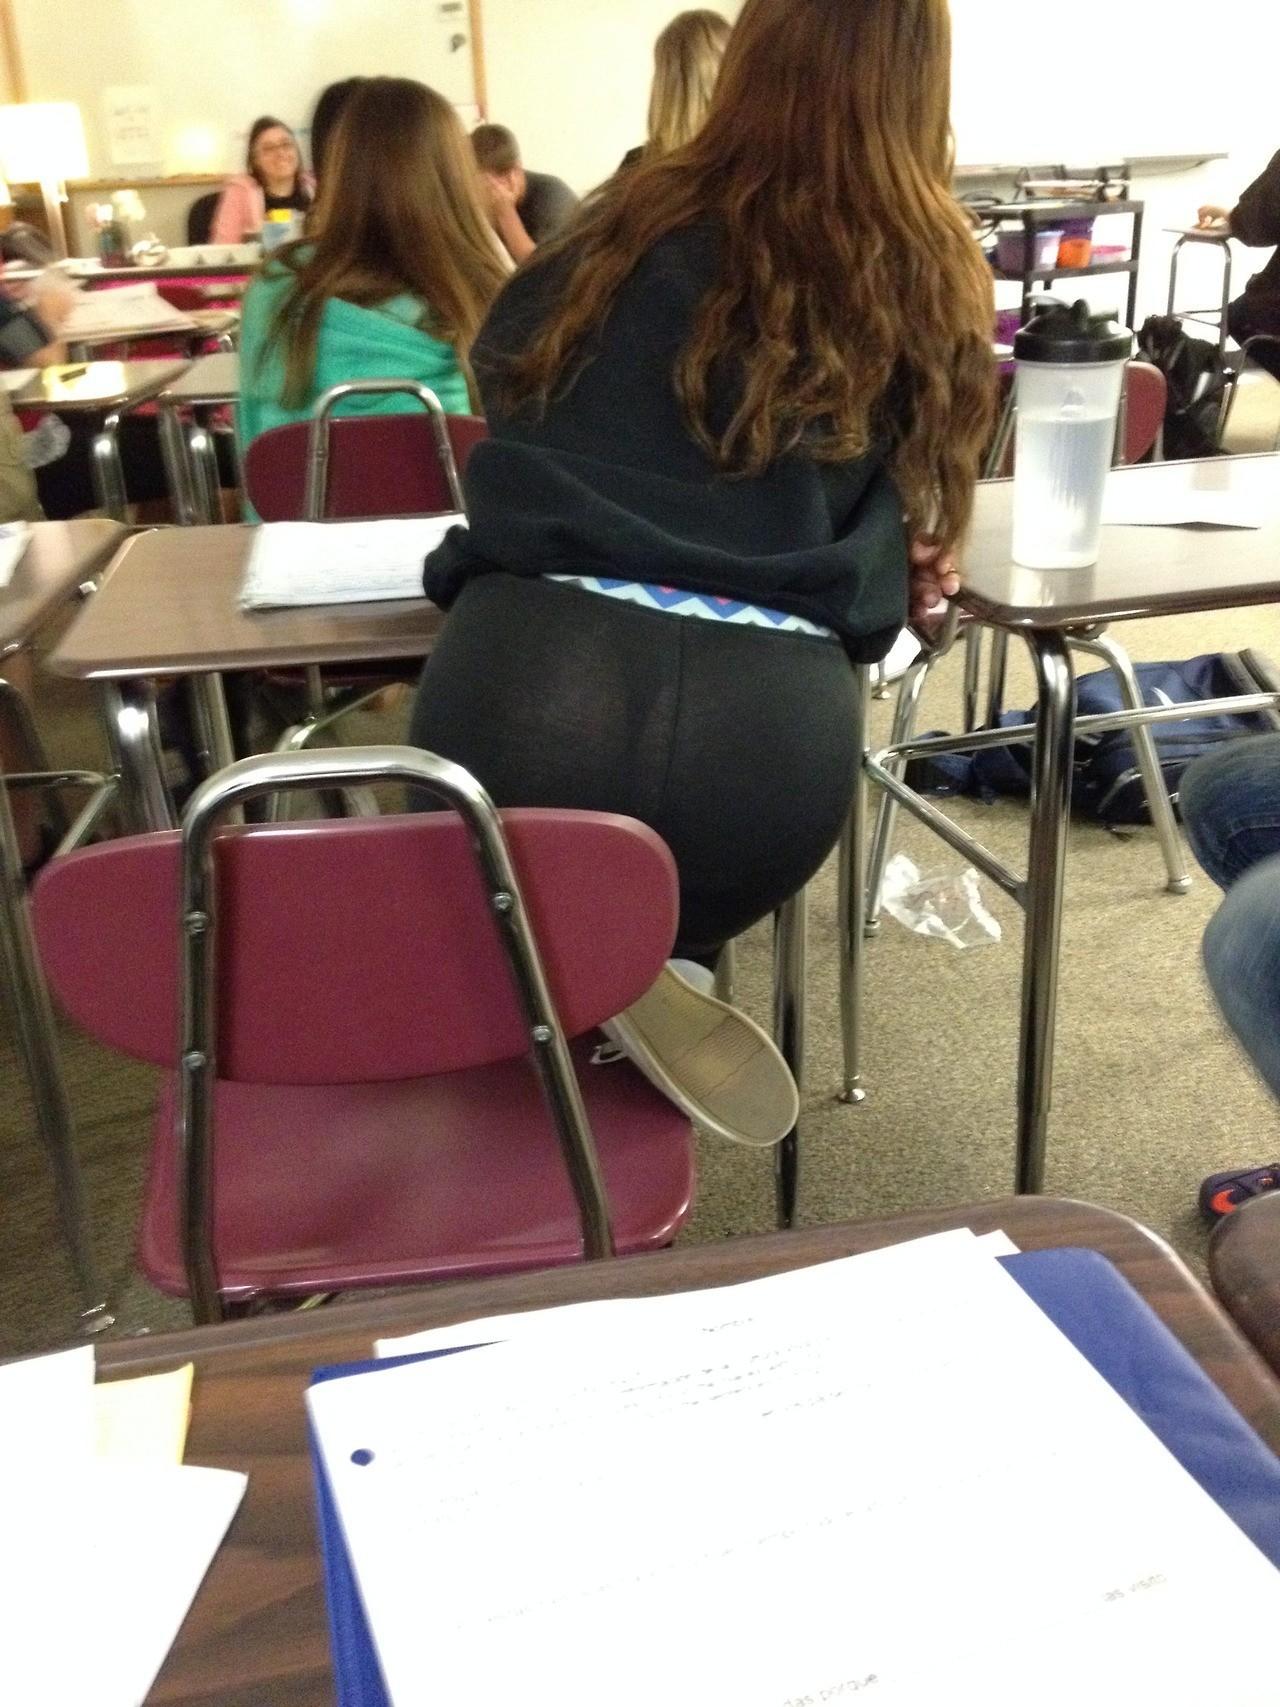 【画像】海外の女子学生がマジでエロすぎて授業に集中できない。。(画像85枚)・56枚目